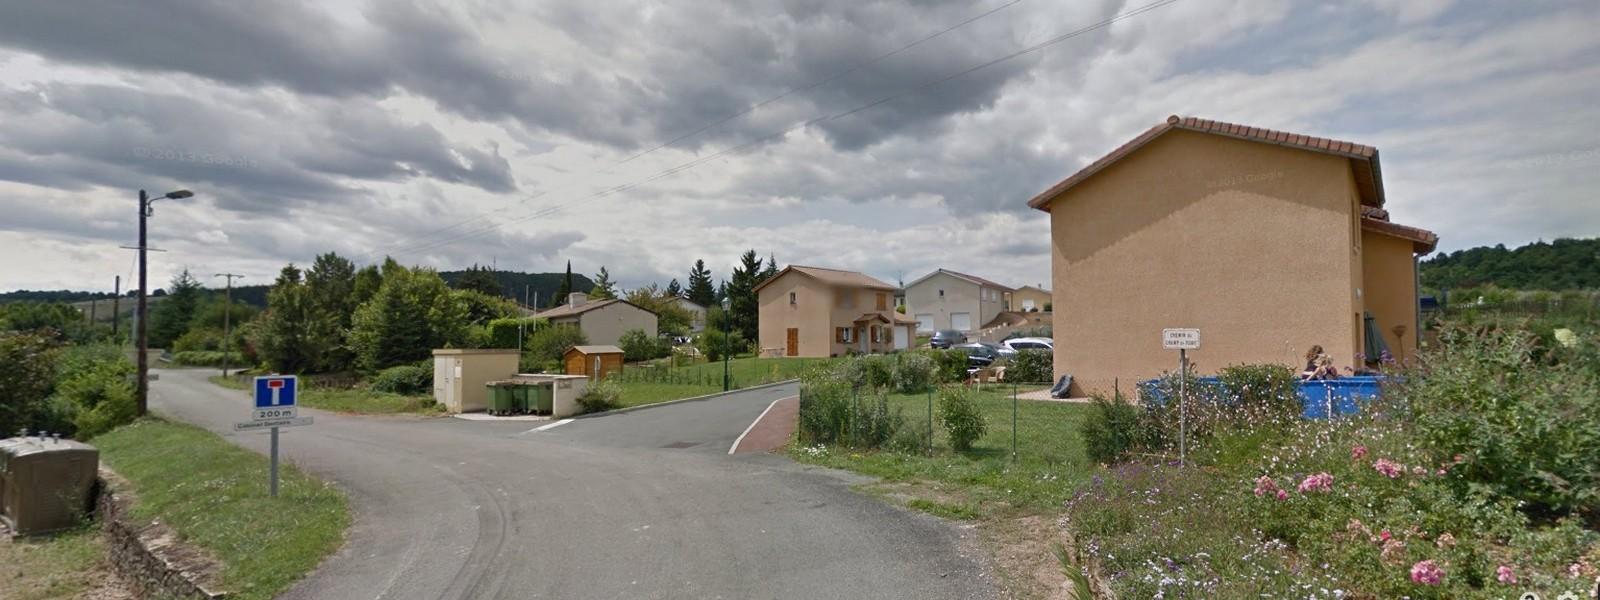 LES ARGUILLONS - Visuel 1 - Impact immobilier 01